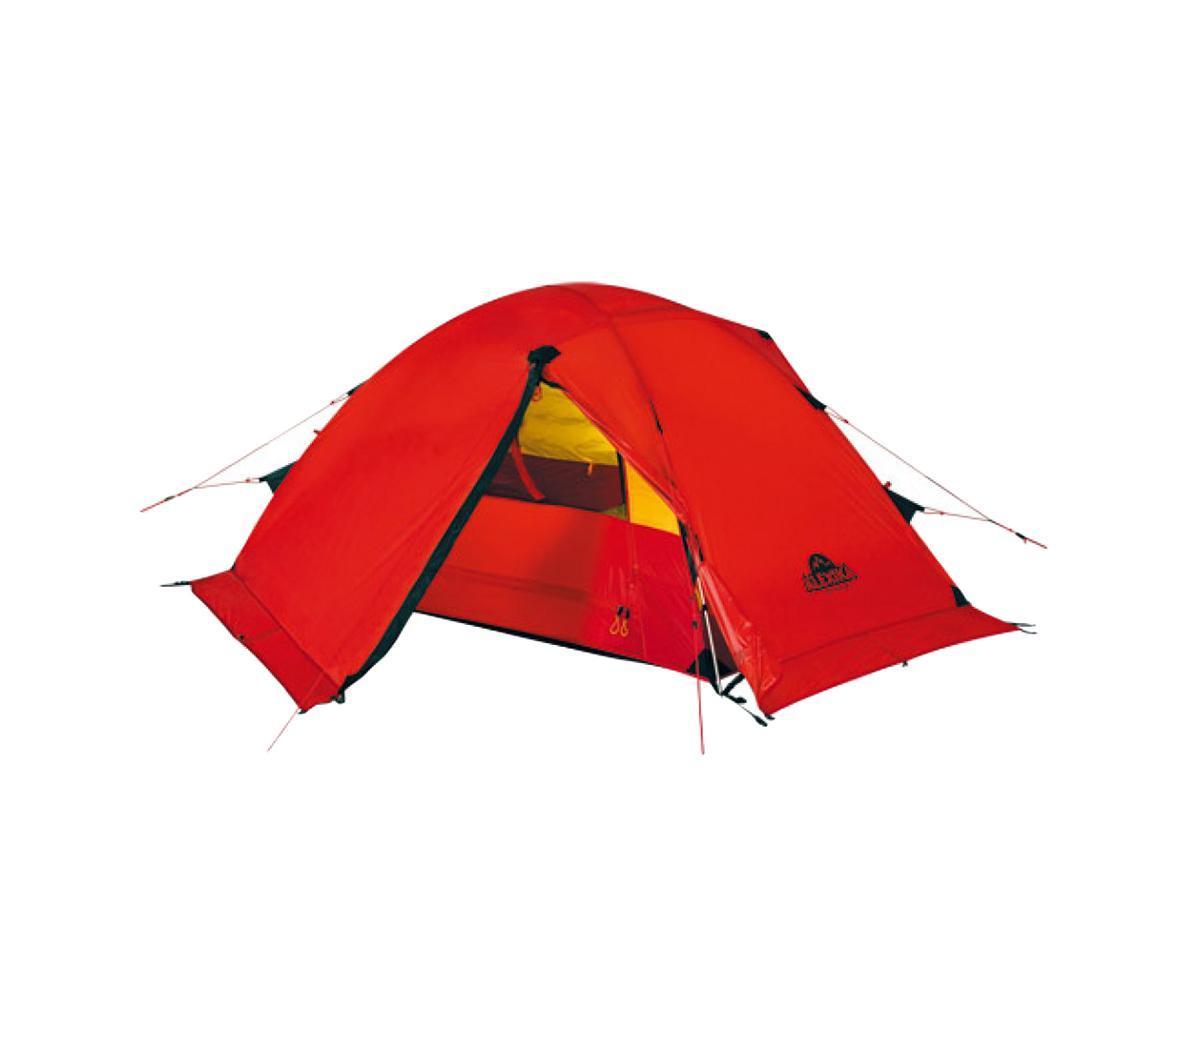 Палатка Alexika Storm 2 Red9115.2103Легкая экспедиционная палатка с двумя тамбурами предназначена для организации высокогорных лагерей, восхождений и эксплуатации в сложных погодных условиях. Обладает высокой ветроустойчивостью, длительное время способна выдерживать сильный дождь и снегопад. Вес: 3,8 кг. Количество мест: 2. Сезонность: зима. Размер: 240 x 215 x 90 см. Размер в чехле: 18 x 52 см. Материал тента: Nylon 30D 250T RipStop Silicon 3000 mm. Материал дна: Polyester 150D Oxford PU 6000 mm. Внутренняя палатка: есть. Материал дуг: Alu 8.5 mm. Ветроустойчивость: очень высокая. Количество входов: 2. Цвет: красный. Область применения: экстрим. Технологии: Пропитка, задерживающая распространение огня. Швы герметизированы термоусадочной лентой. Тент устойчив к ультрафиолету. Узлы палатки, испытывающие высокие нагрузки, усилены более прочной тканью. Край тента обшит прочной стропой. Молнии на внешнем...